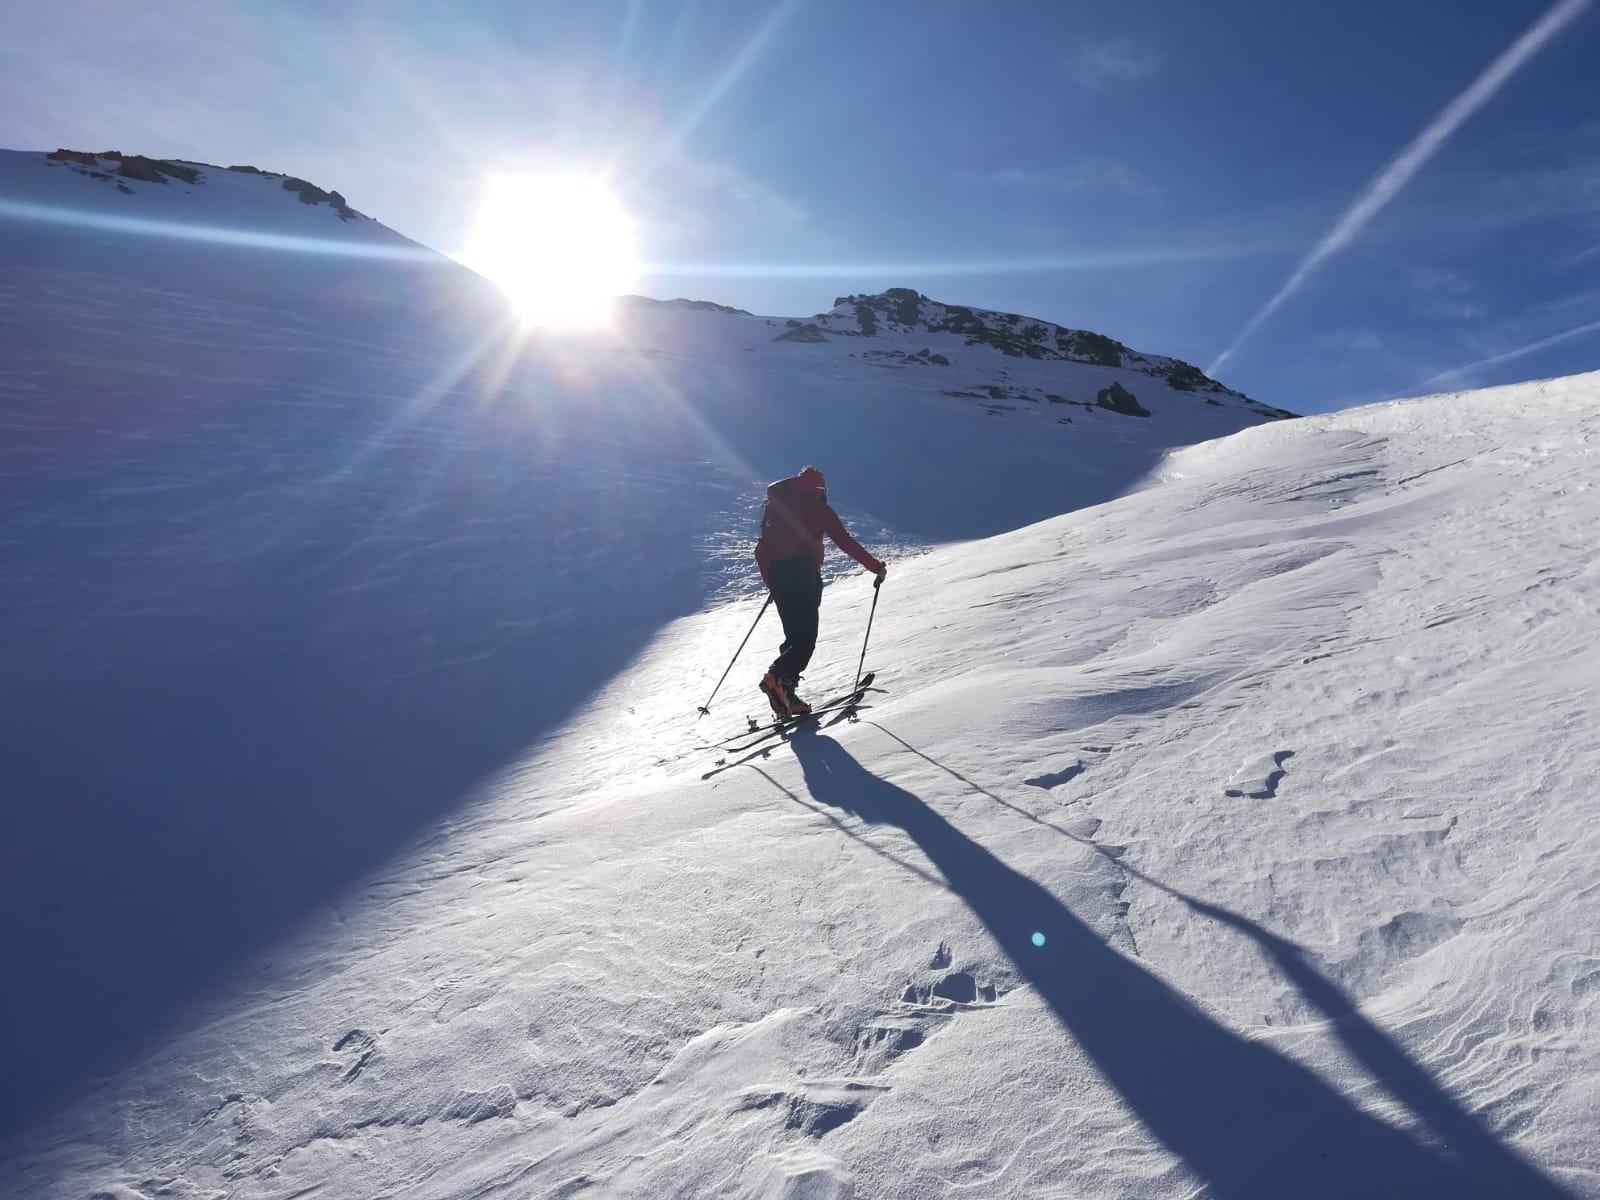 Sotto il colle neve battuta dal vento: in salita si fatica, ma in discesa che goduria!